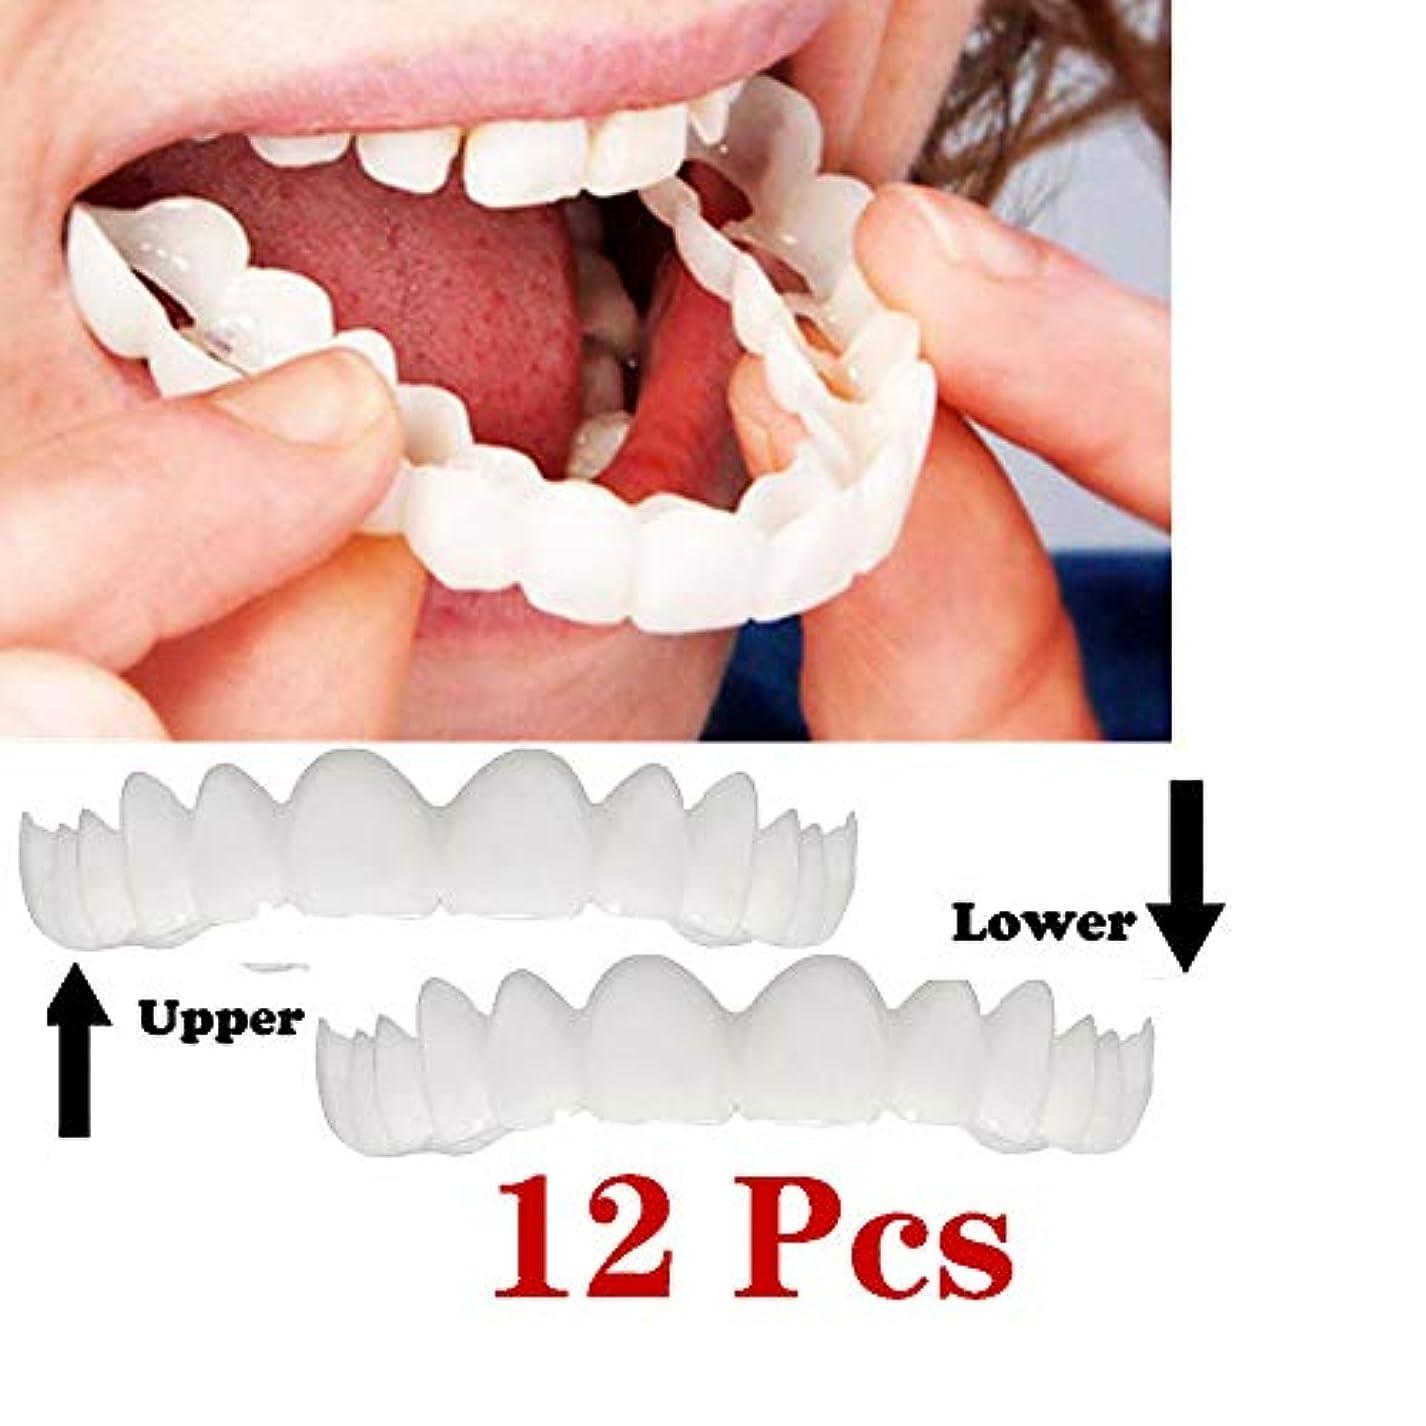 アウトドア召集するラップトップインスタント快適なフレックスパーフェクトベニヤワンサイズフィットの歯のスナップキャップを白くする12個の上下の歯の化粧品のベニヤ、最も快適な義歯のケア